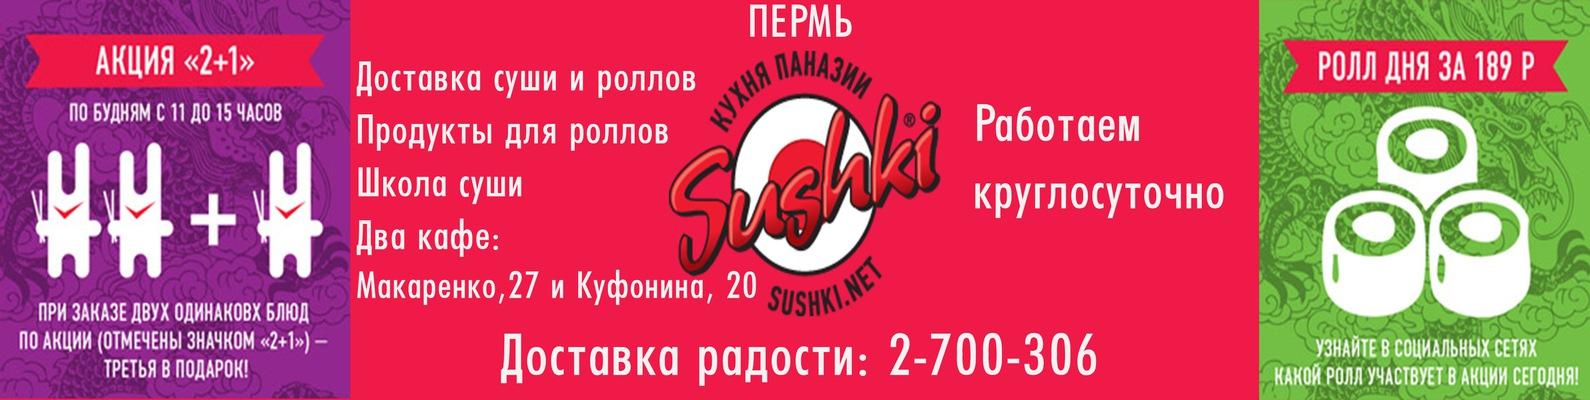 Работа доставка суши пермь